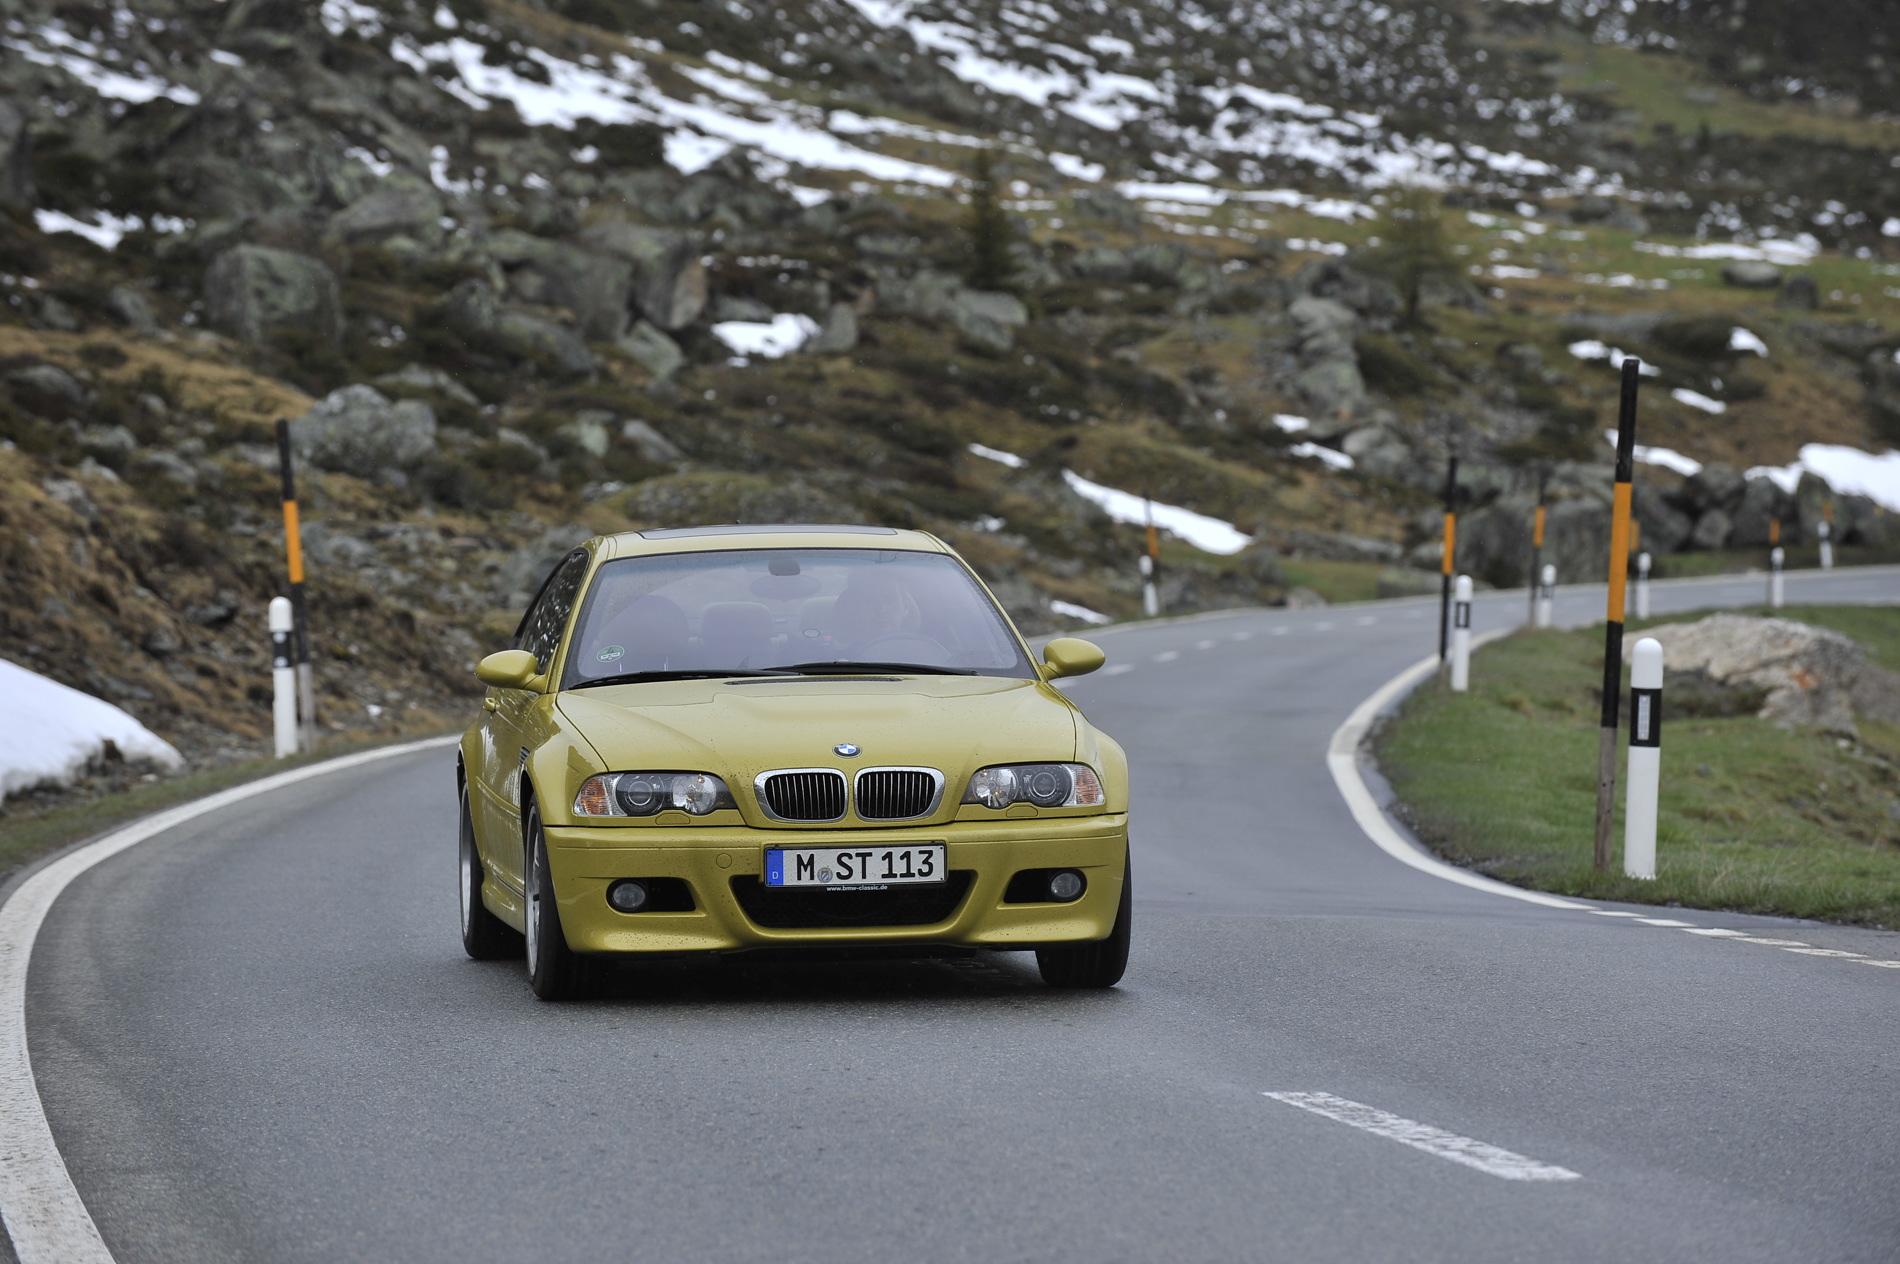 BMW E46 M3 phoenix yellow 23